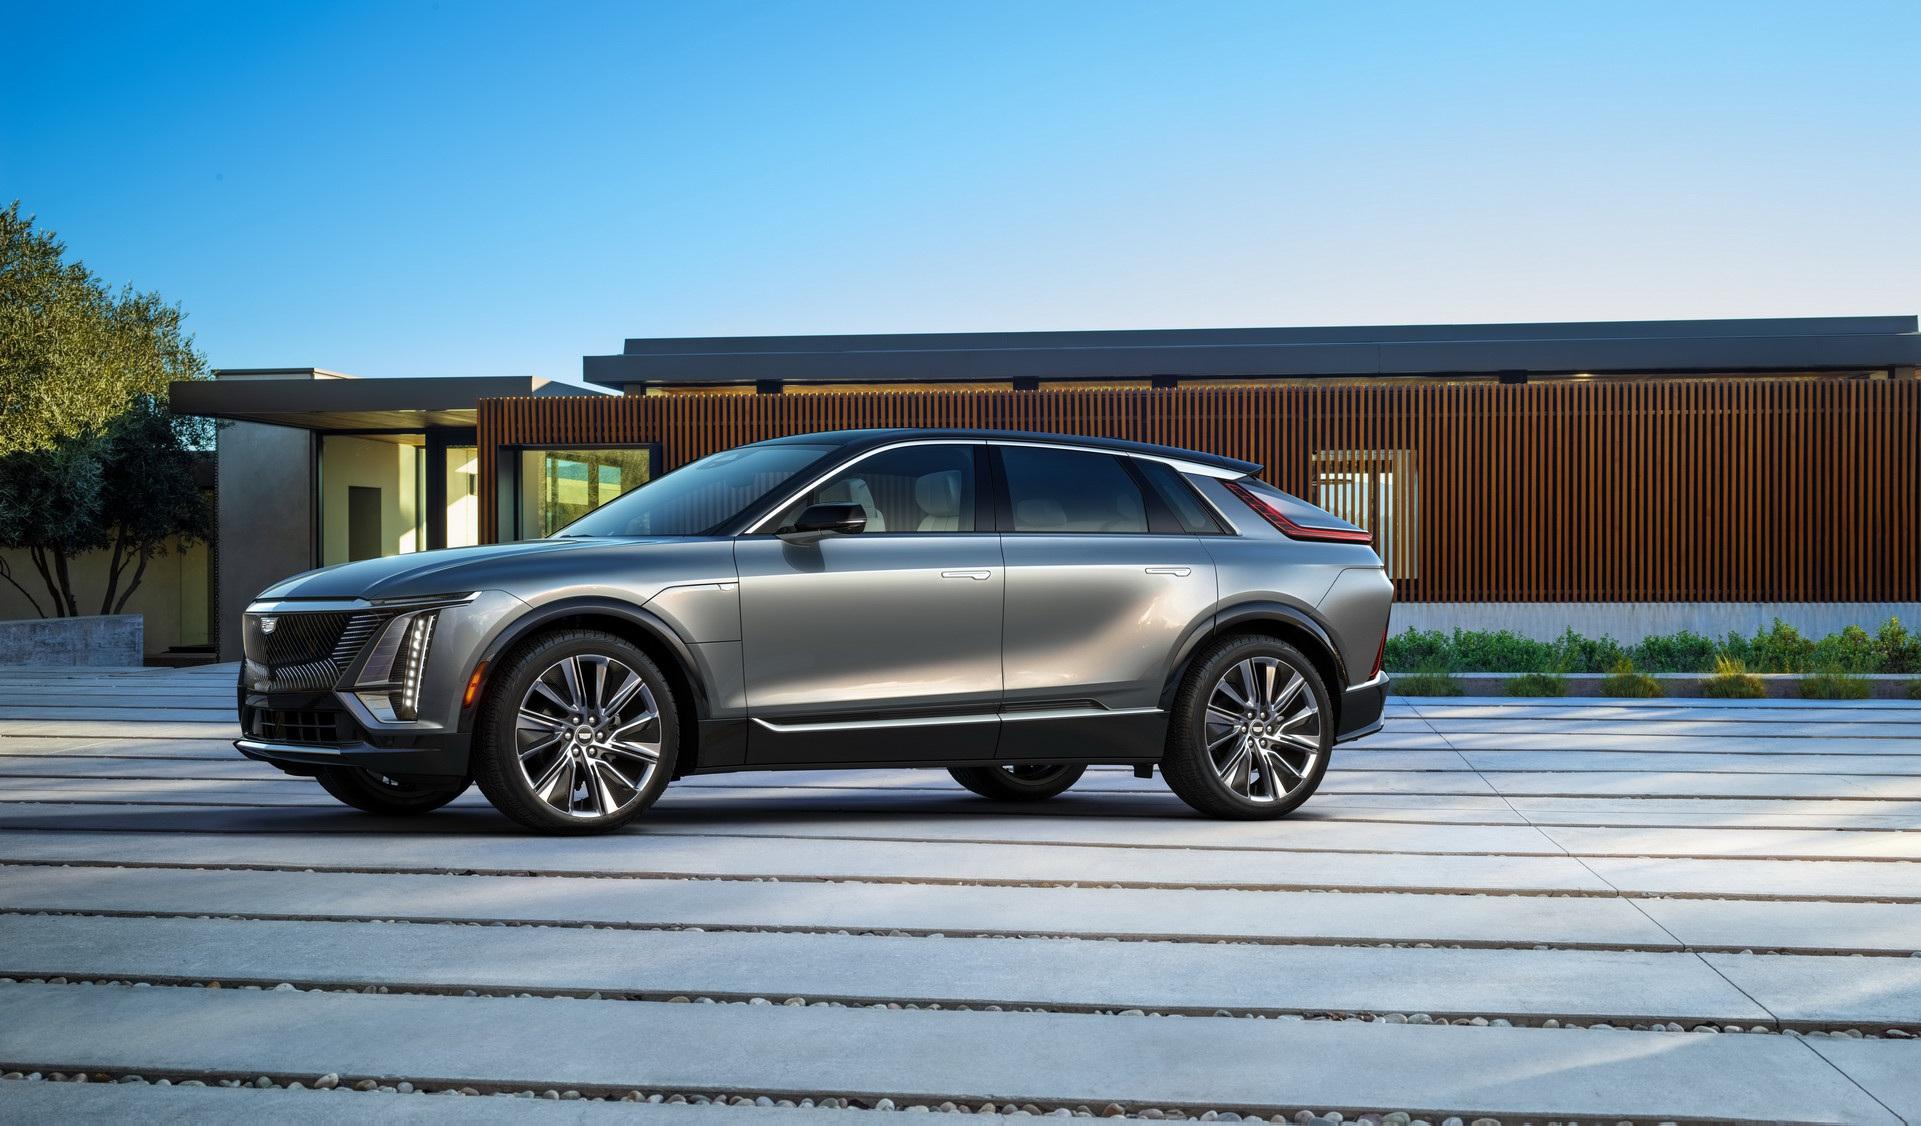 Điều gì có thể khiến người tiêu dùng chọn xe điện thay vì xe chạy xăng? - 1